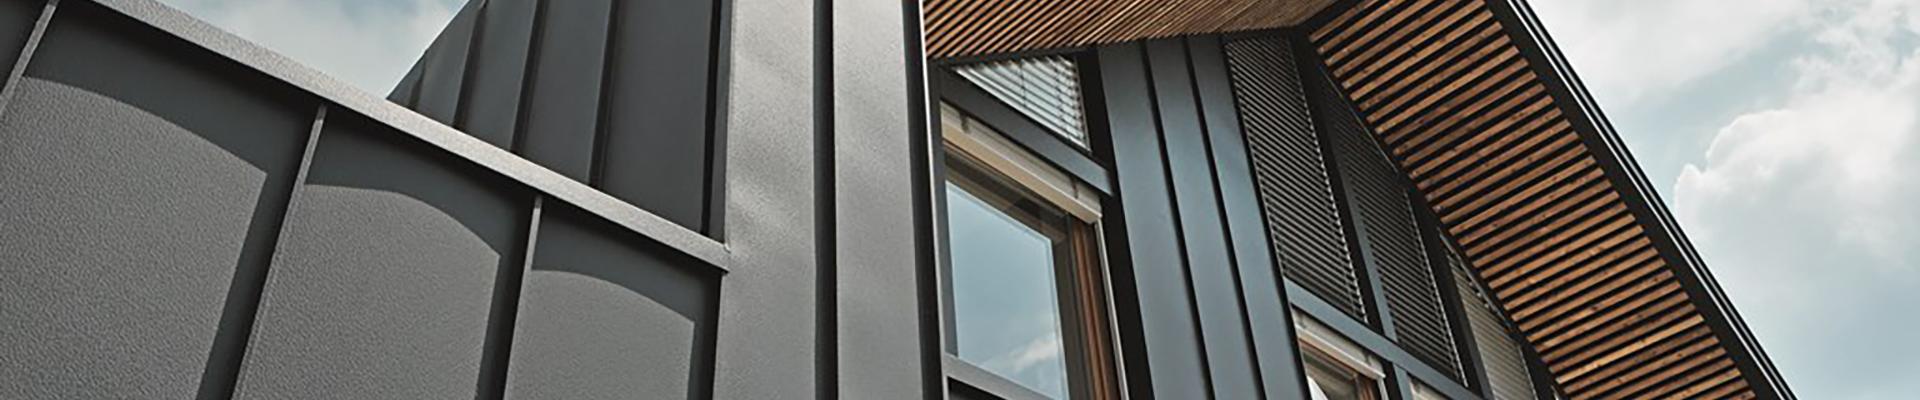 Heinlein GmbH | Dach-, Wand- und Abdichtungstechnik